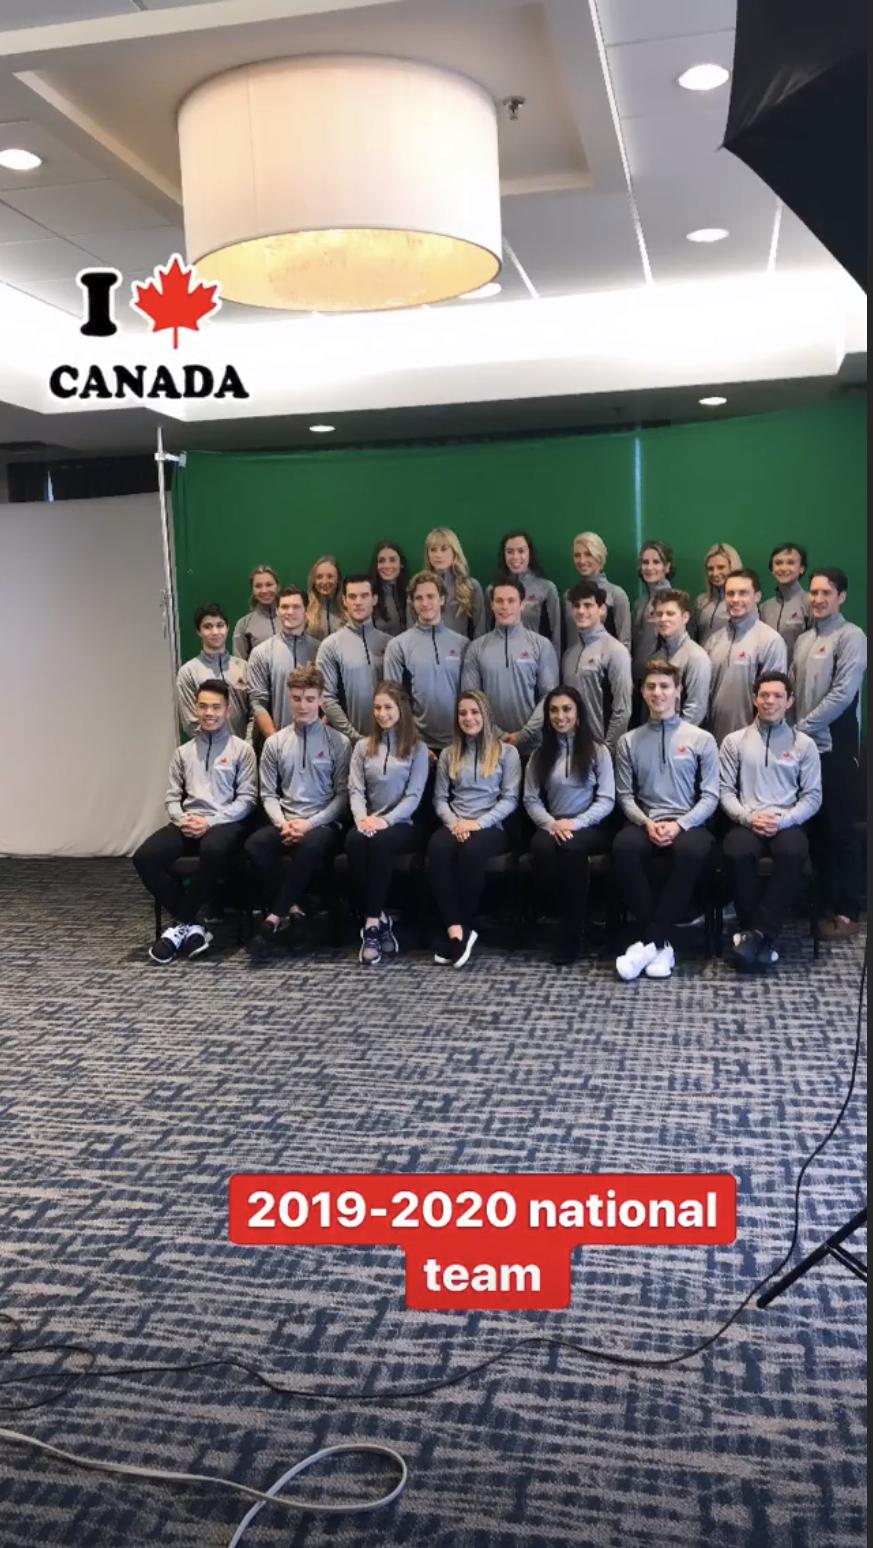 Команда Канады в общем и целом - Страница 23 7qXNW